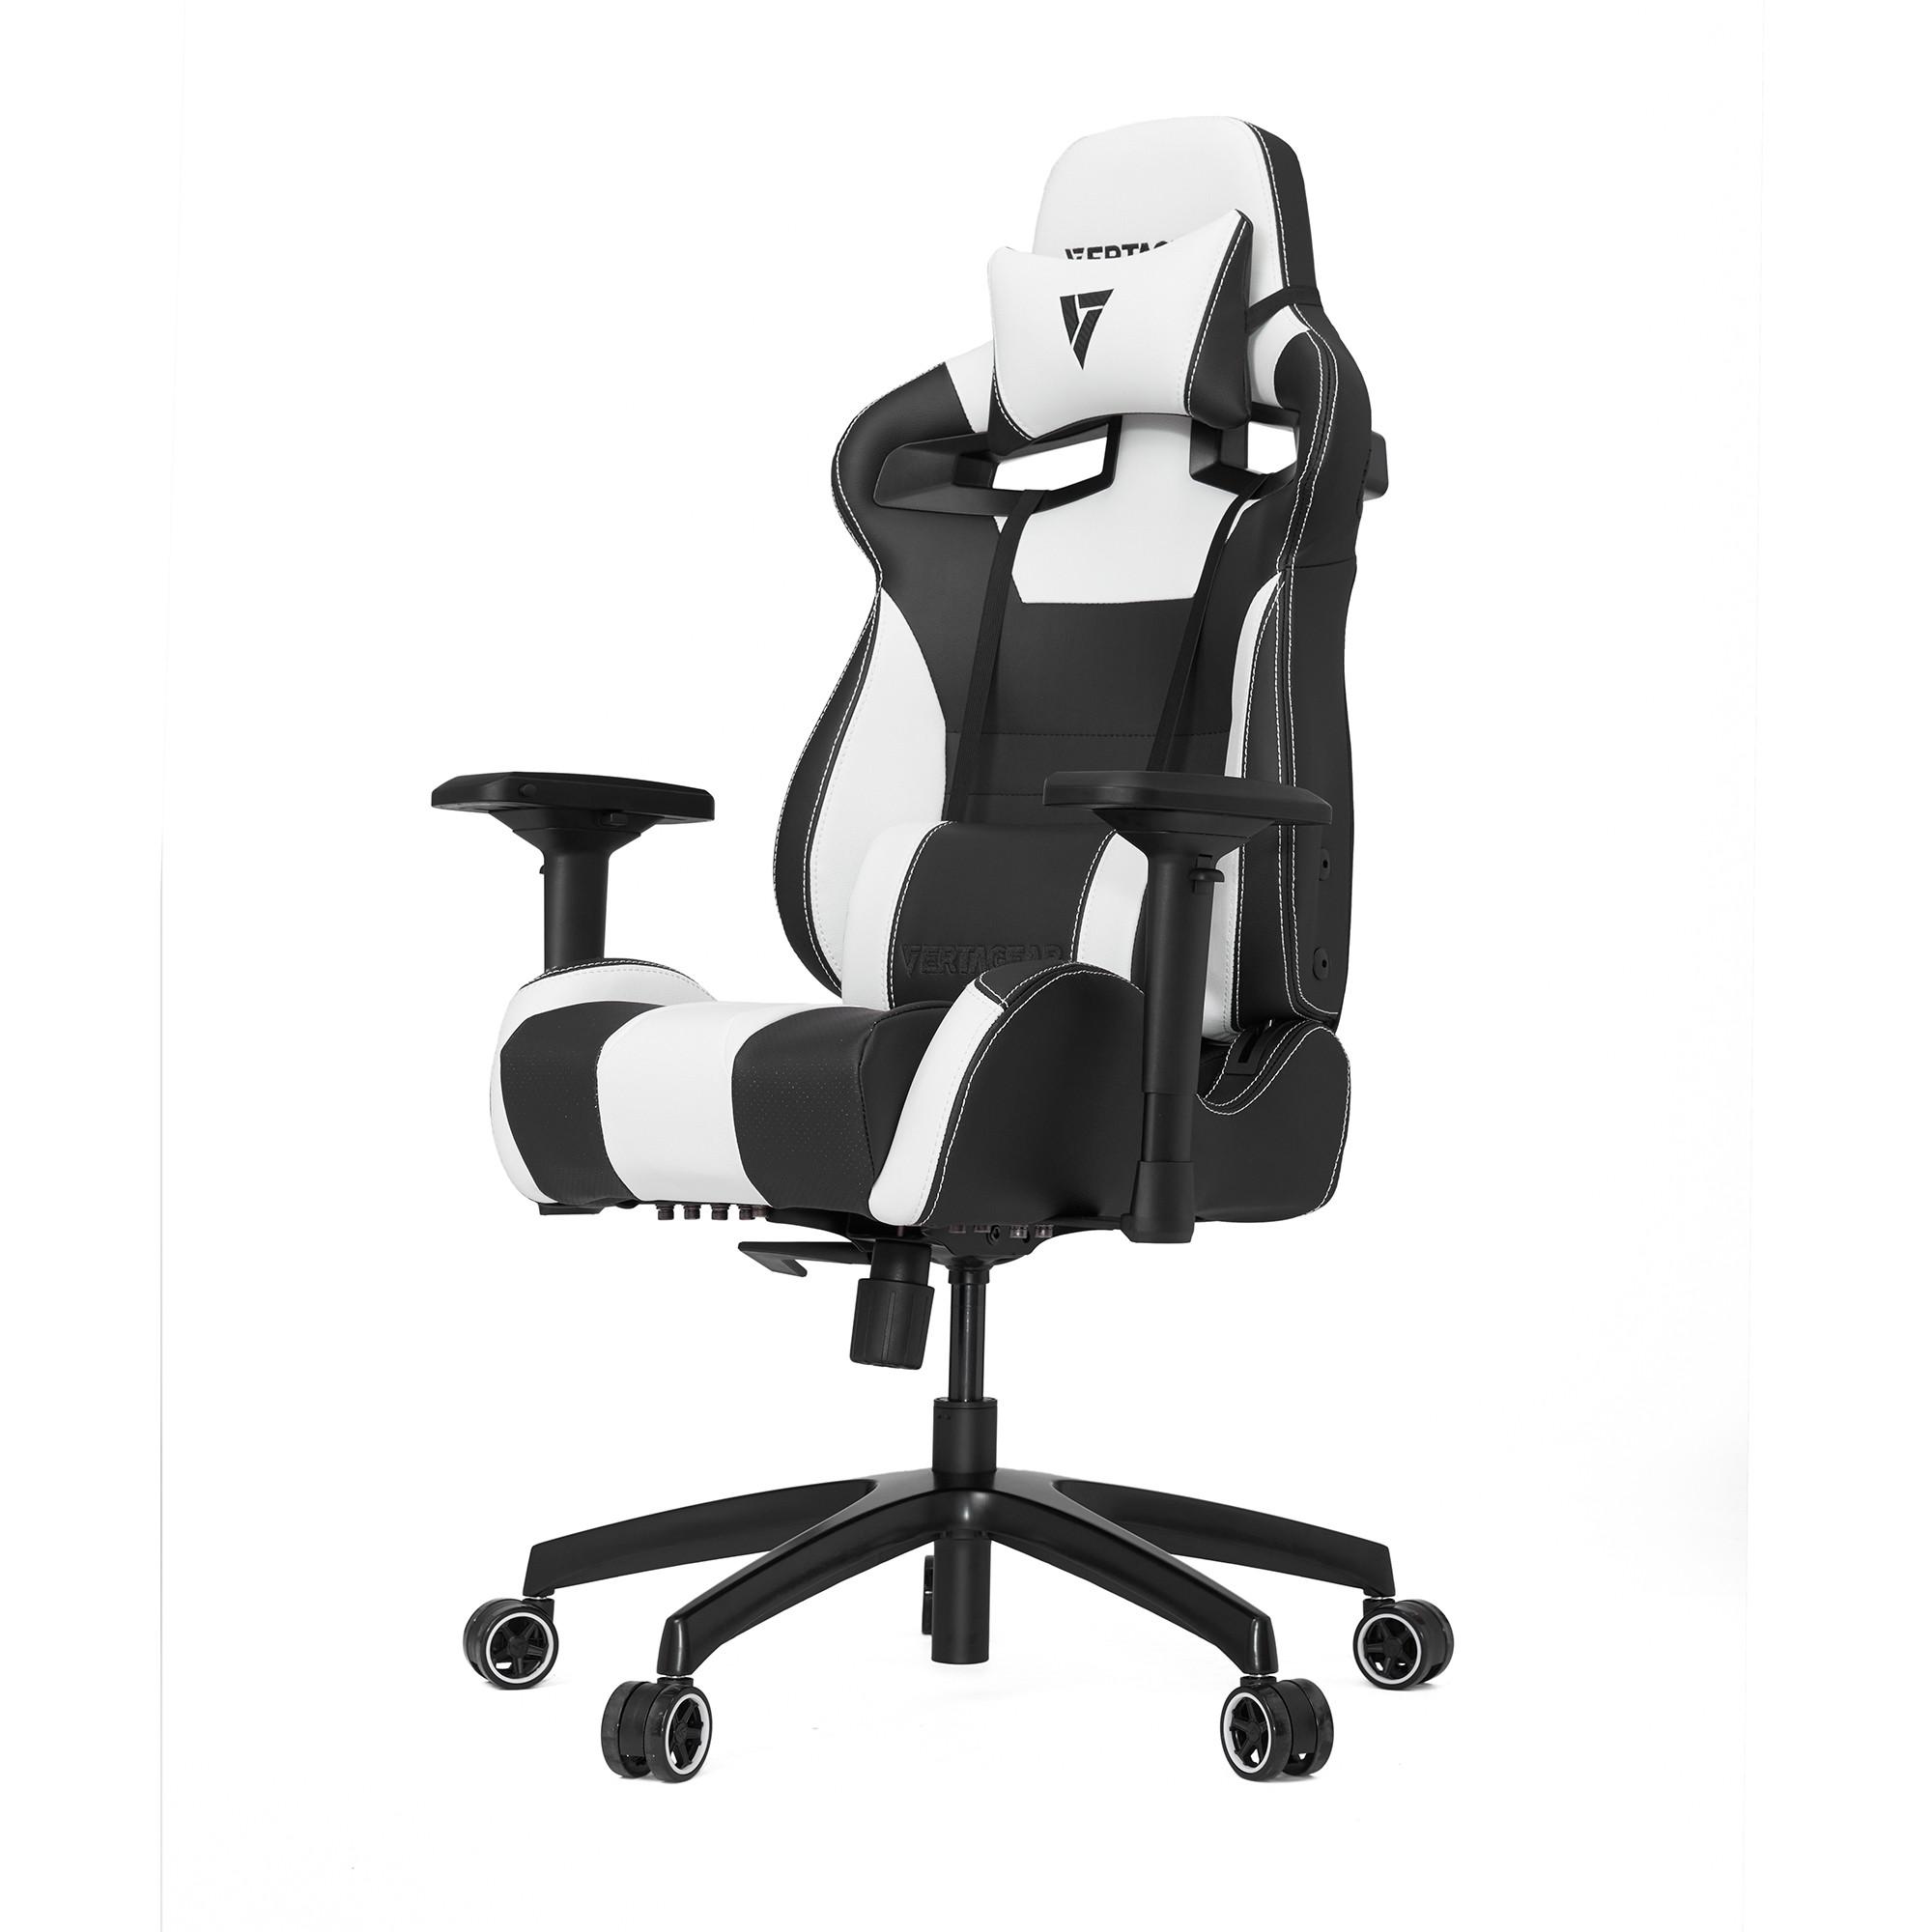 Профессиональное киберспортивное кресло Vertagear SL4000 черный/белыйНабивка в SL-4000 сделанная из высокоплотной эластичной пены, которая добавляет отличную поддержку и удобство в положении сидя.&#13;<br>&#13;<br>Элегантное исполнение модели SL-4000 сделано из высококачественной PVC кожи, которая делает покрытие невероятно прочным и дает креслу роскошный вид. Этот материал легко чистить и поддерживать в хорошем состоянии, благодаря цветной прошивке и водозащитным характеристикам.<br>